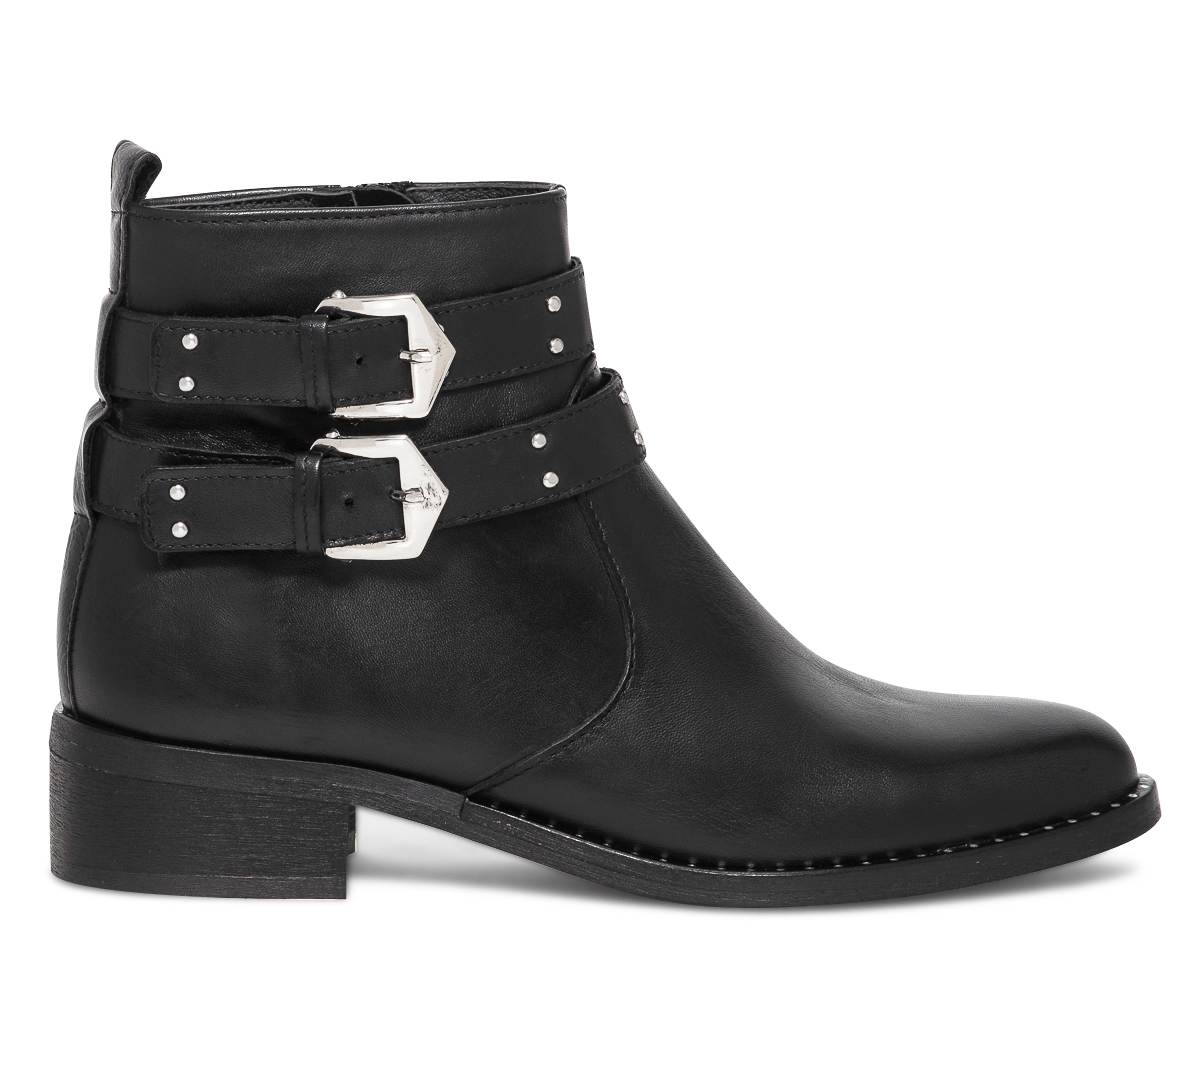 Noir À Eram Brides Boots Cloutées Cuir qVzMGSUp